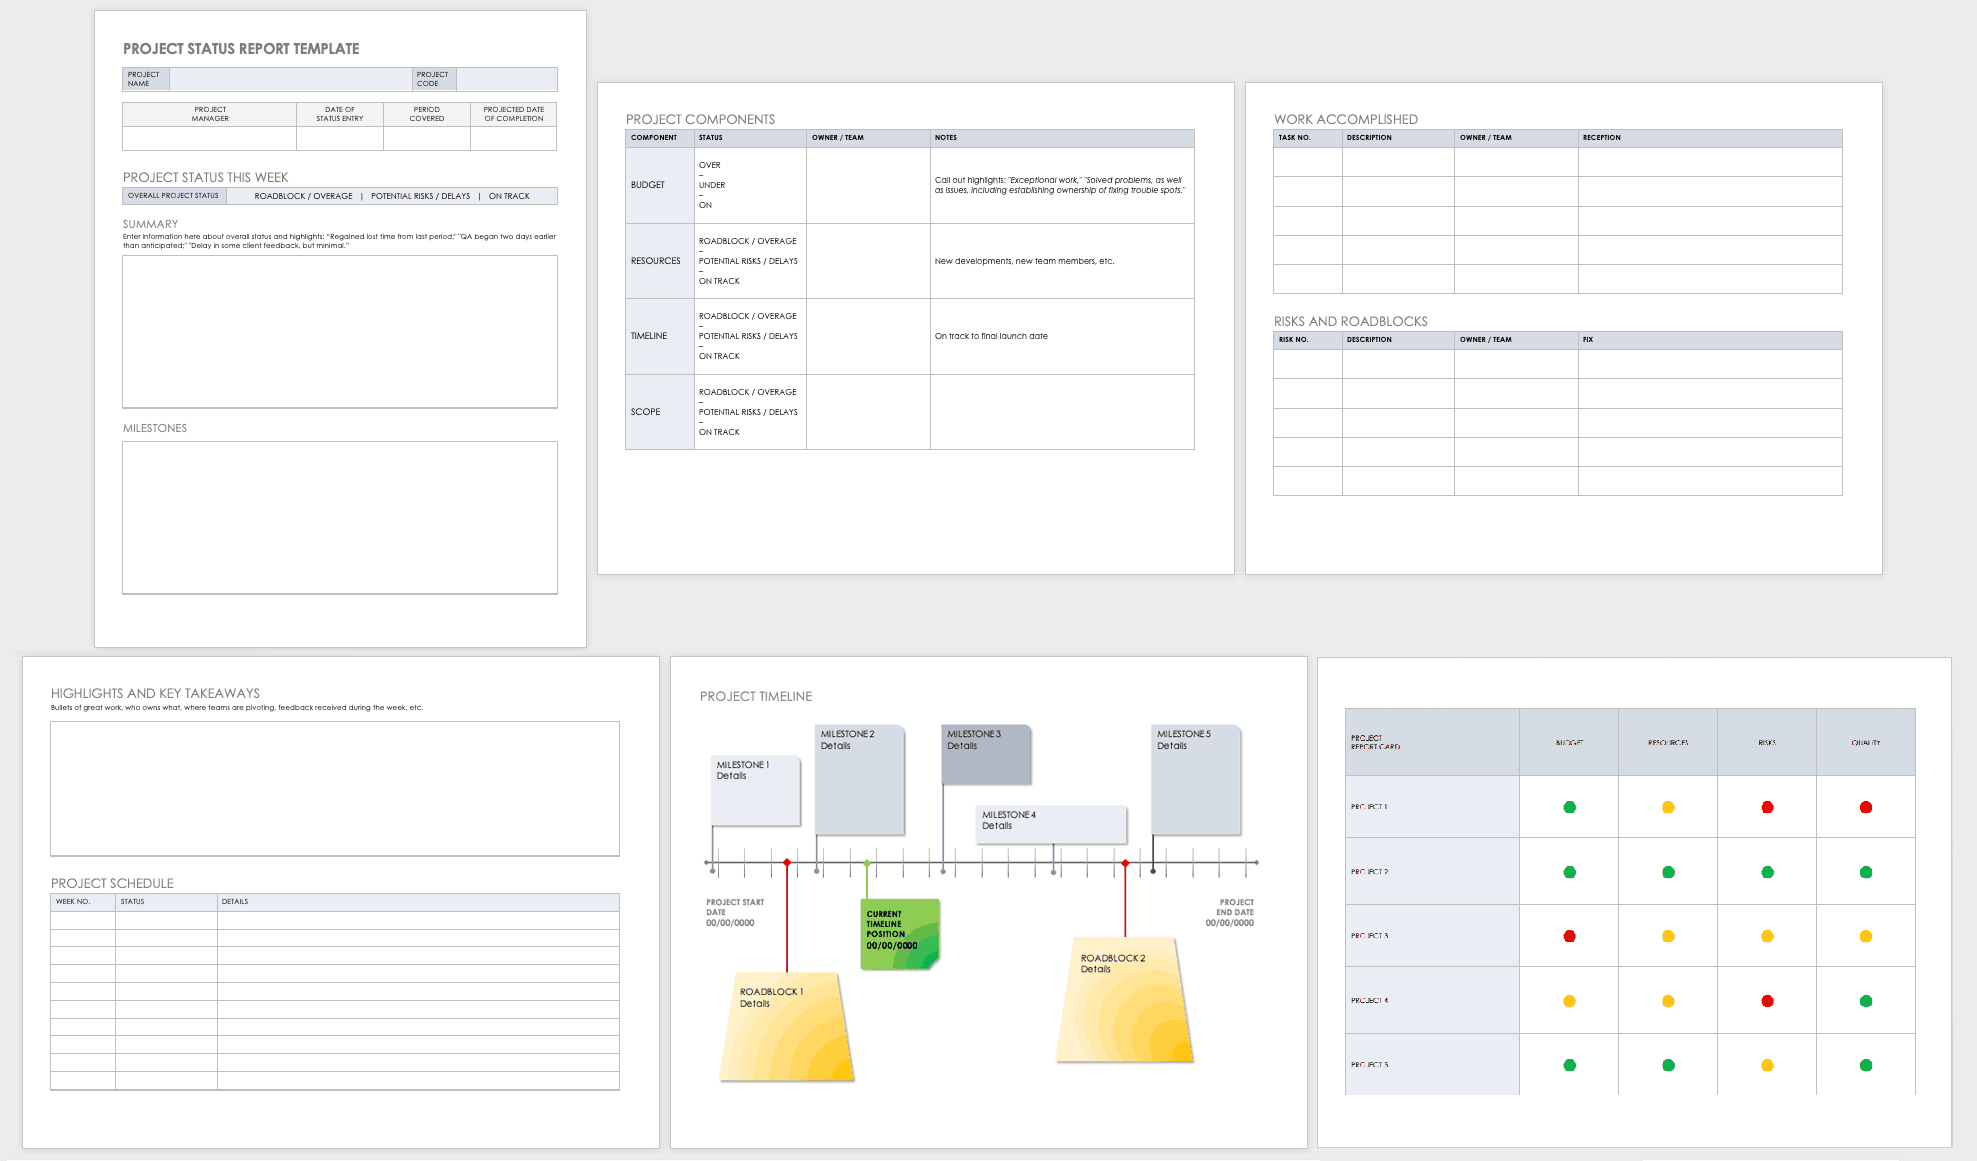 Free Project Report Templates | Smartsheet Regarding Project Status Report Template Excel Download Filetype Xls